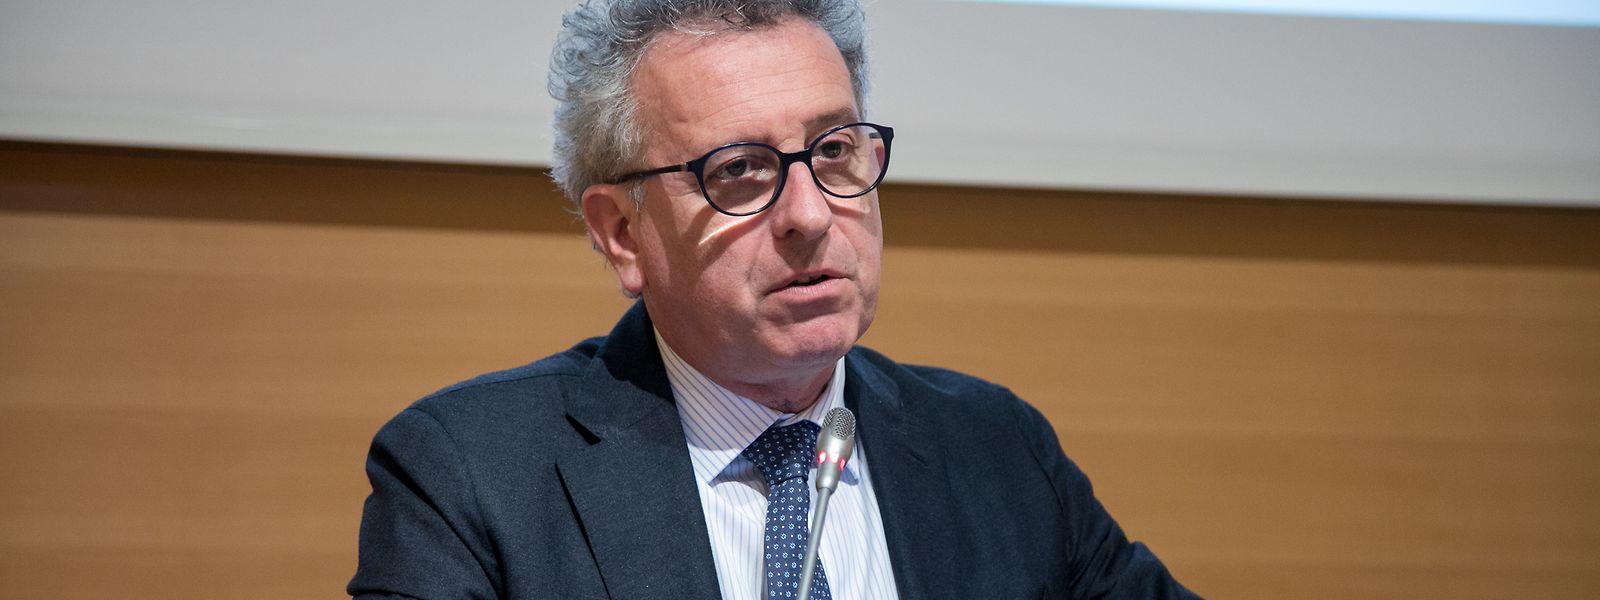 Le ministre des Finances, Pierre Gramegna montera ce lundi après-midi au perchoir de la Chambre pour la présentation du budget 2020